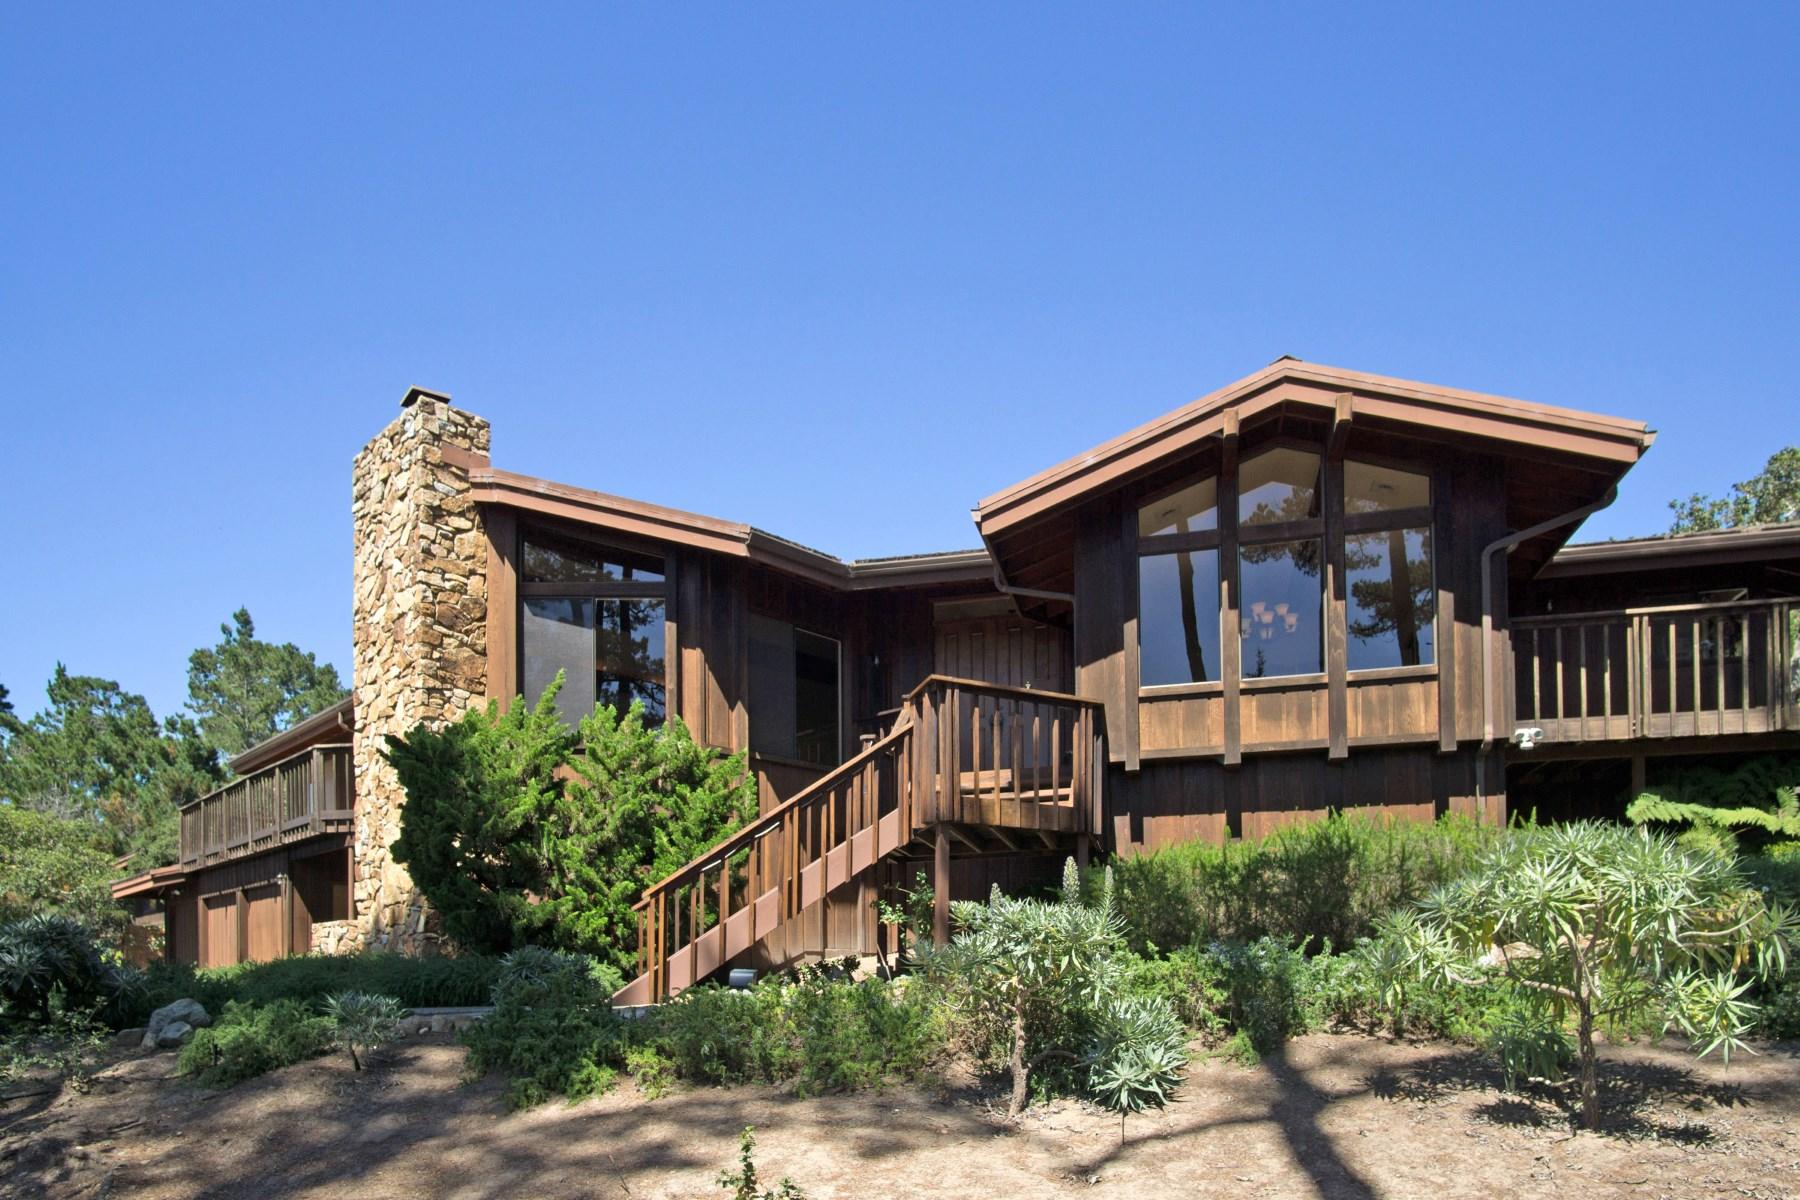 Casa Unifamiliar por un Venta en California Dreaming 3194 Del Ciervo Road Pebble Beach, California, 93953 Estados Unidos